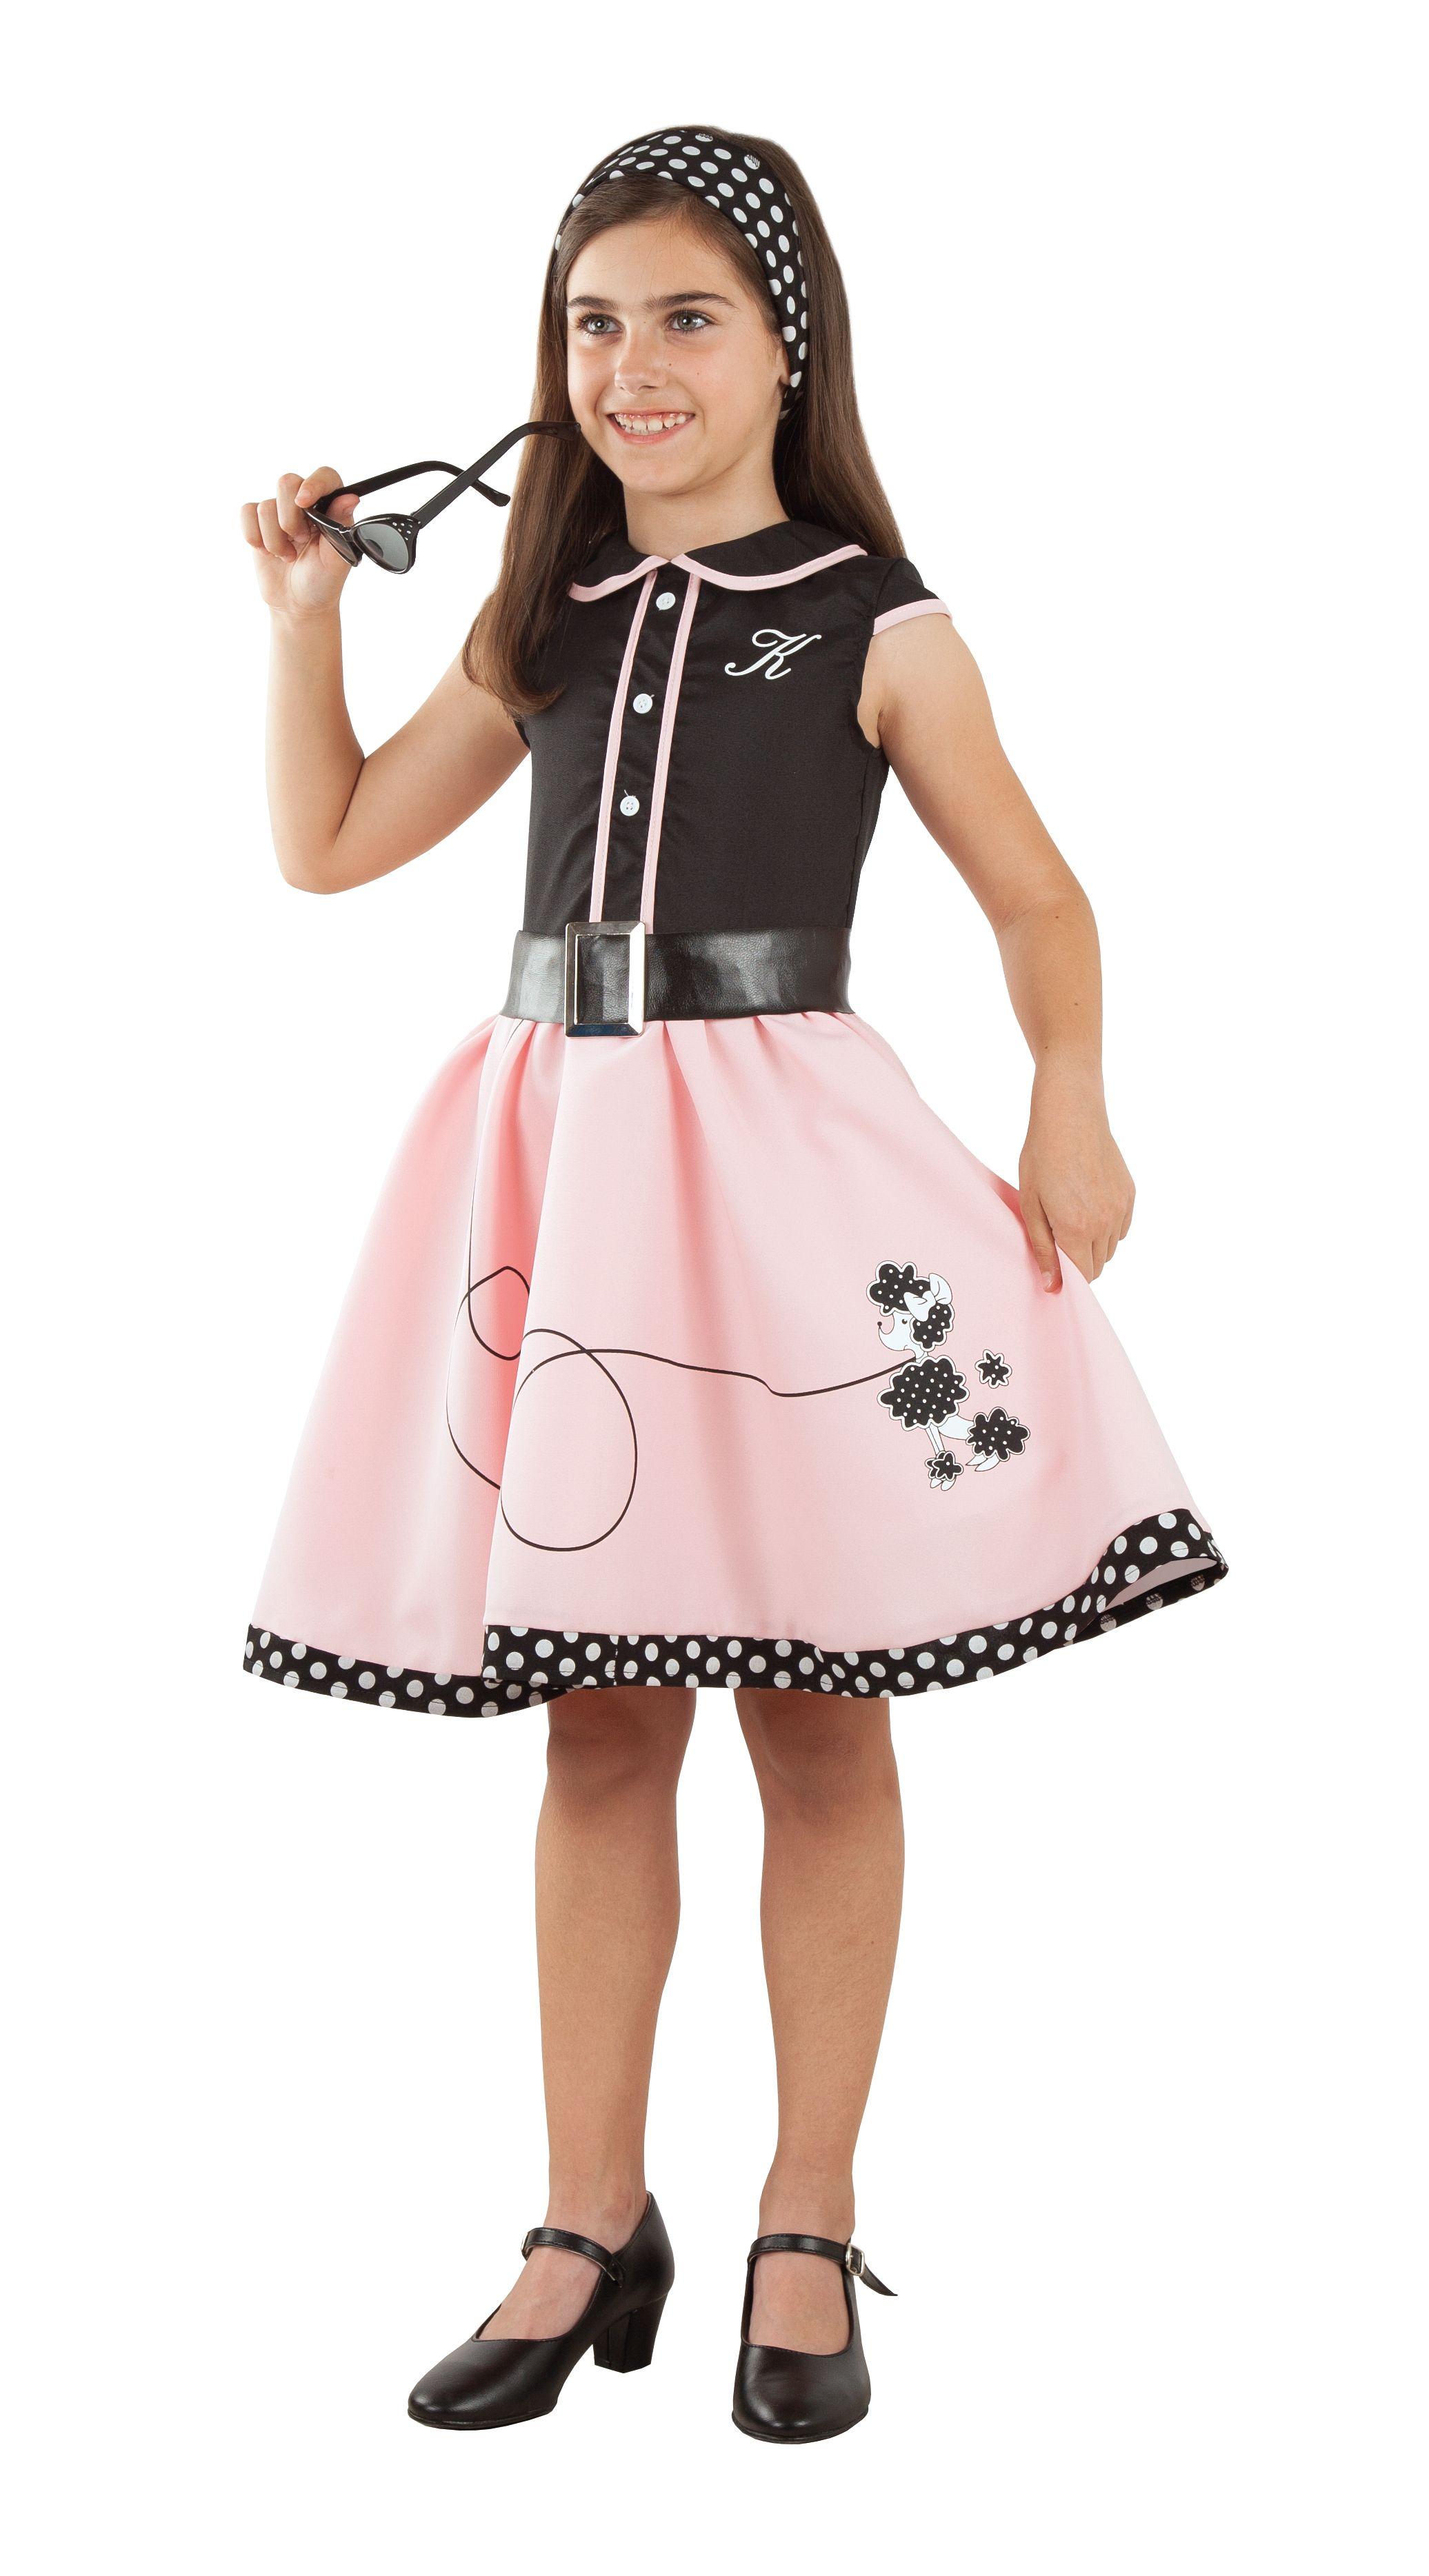 mostrar Anzai digestión  Pin en Disfraces años 20,60,80 para niña